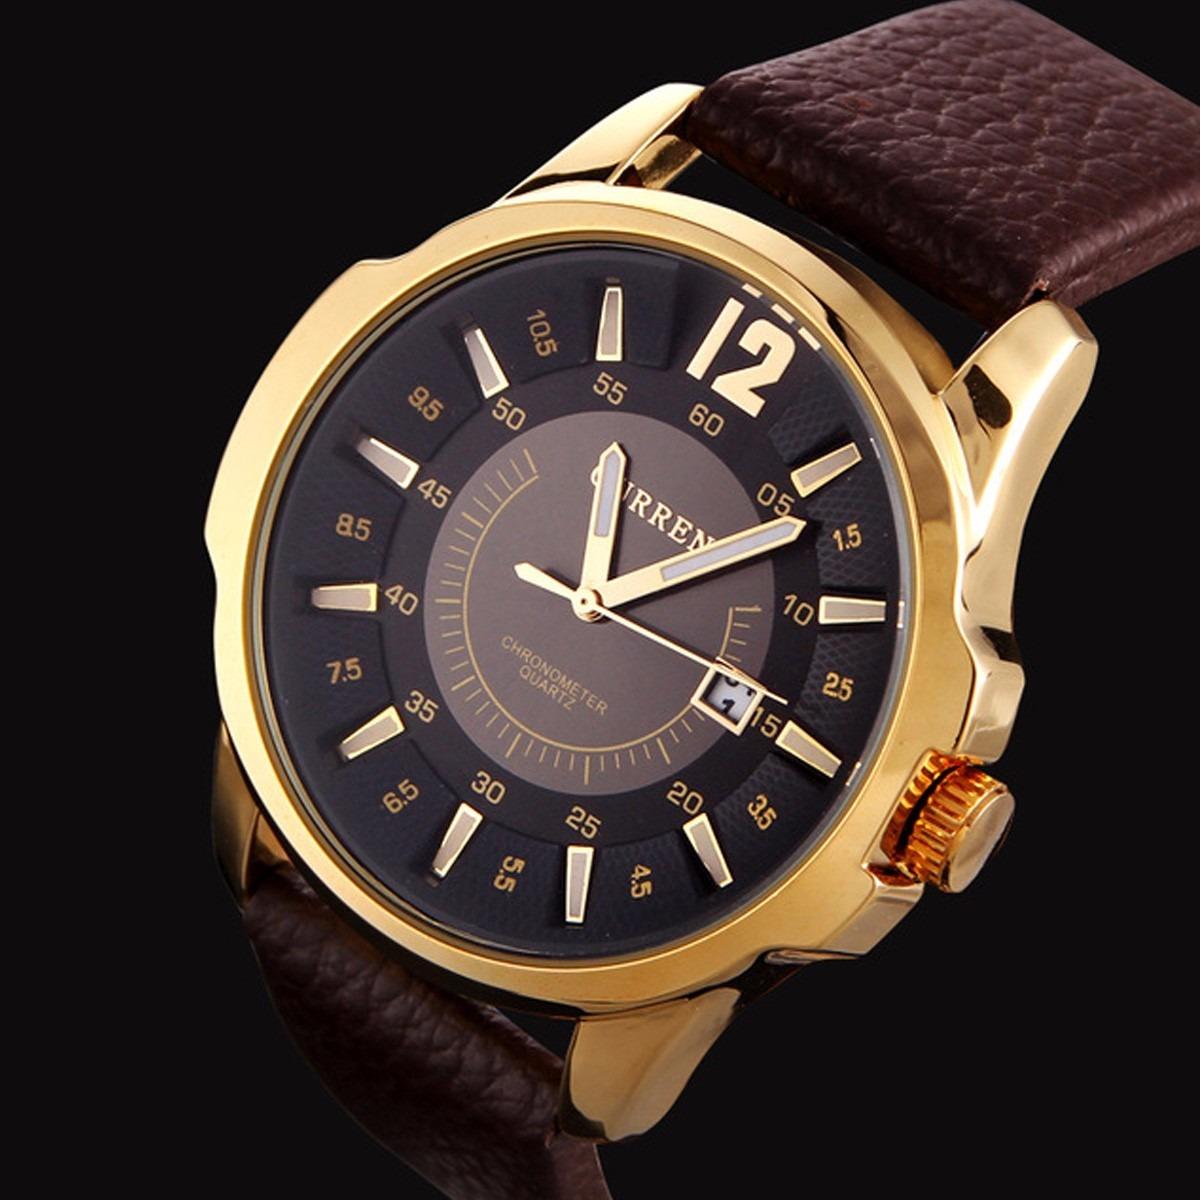 991e4a4c2f3 relógio masculino pulseira de couro curren social barato. Carregando zoom.